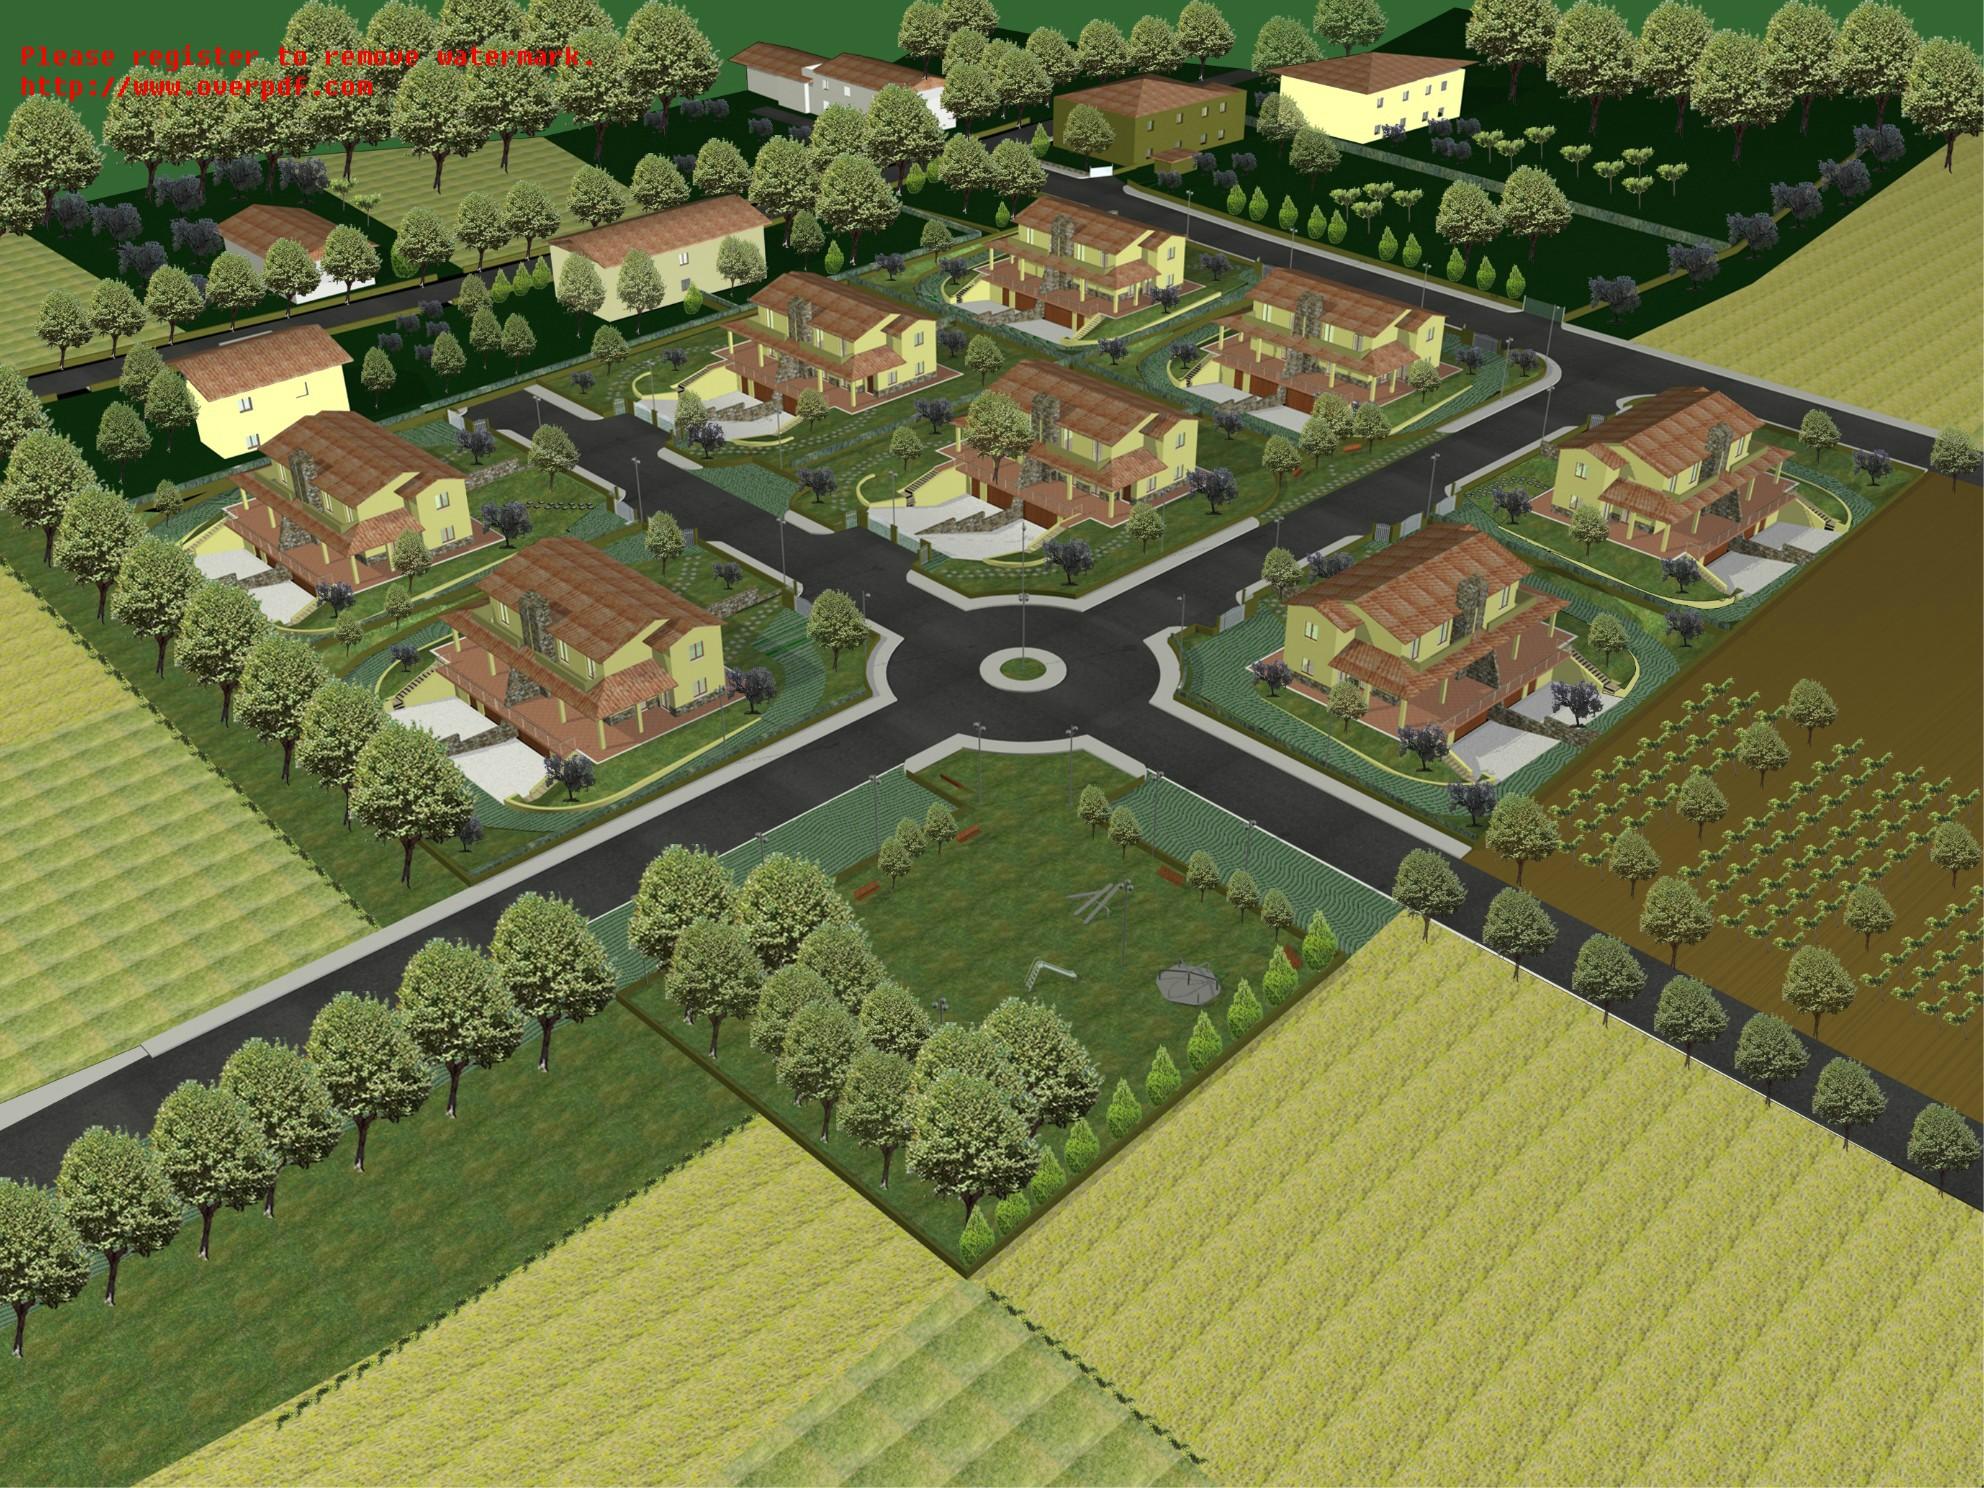 Rieti-Rivodutri: Terreno edificabile per 16 villette(Rif.1975)